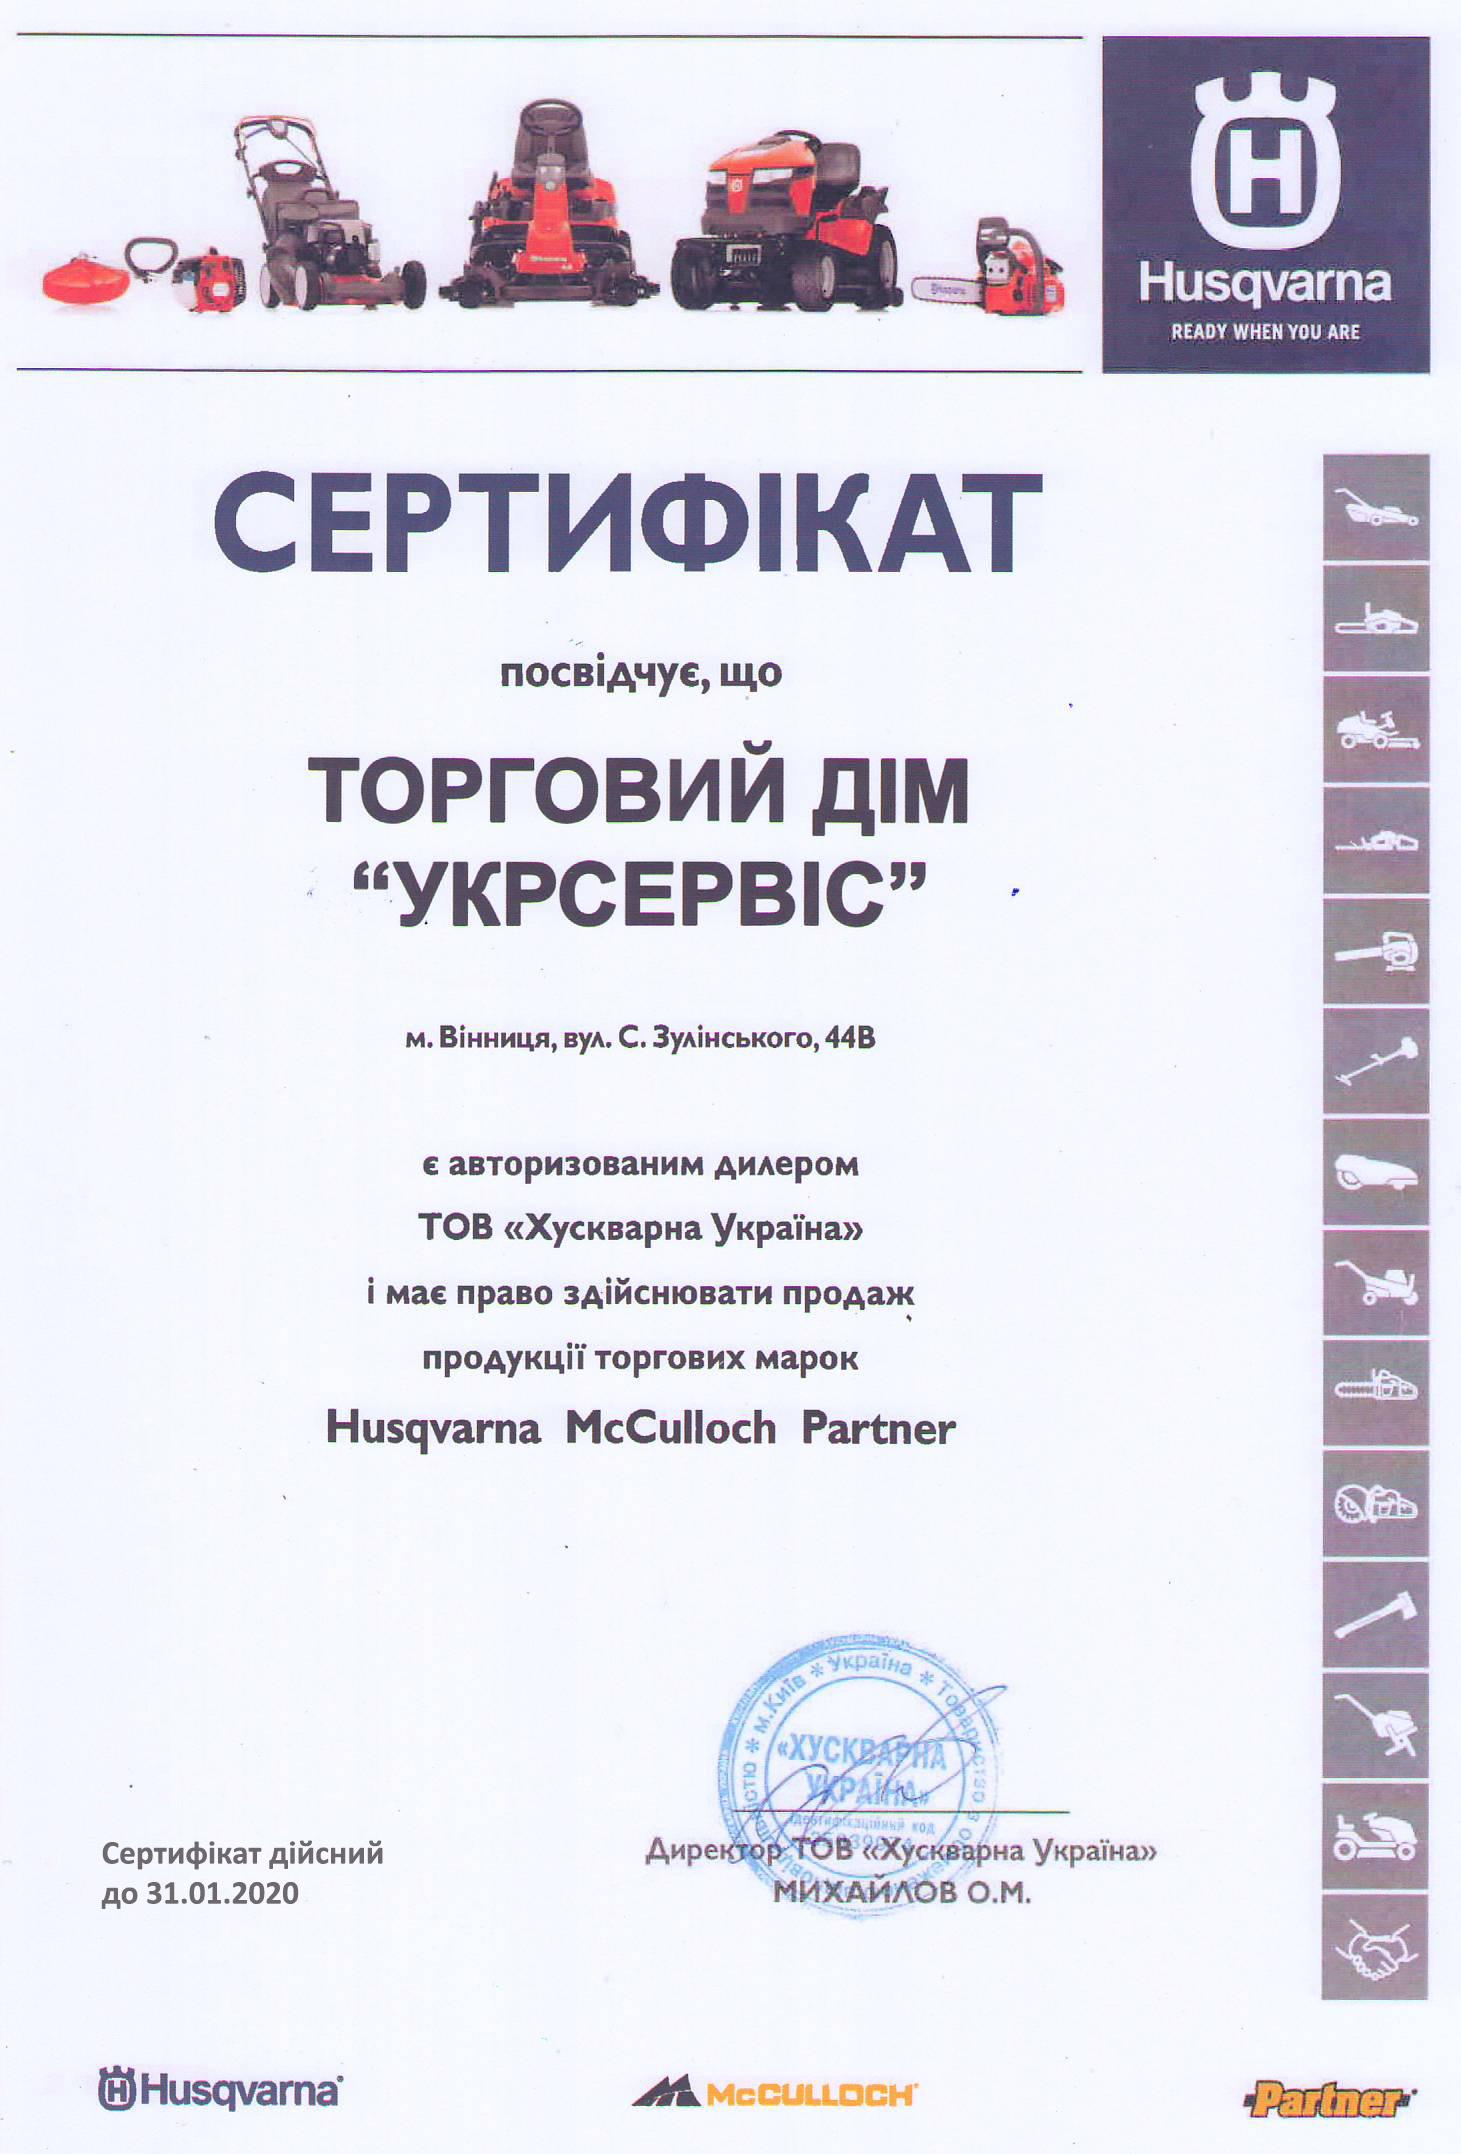 Официальный сертификат торговой марки Husqvarna